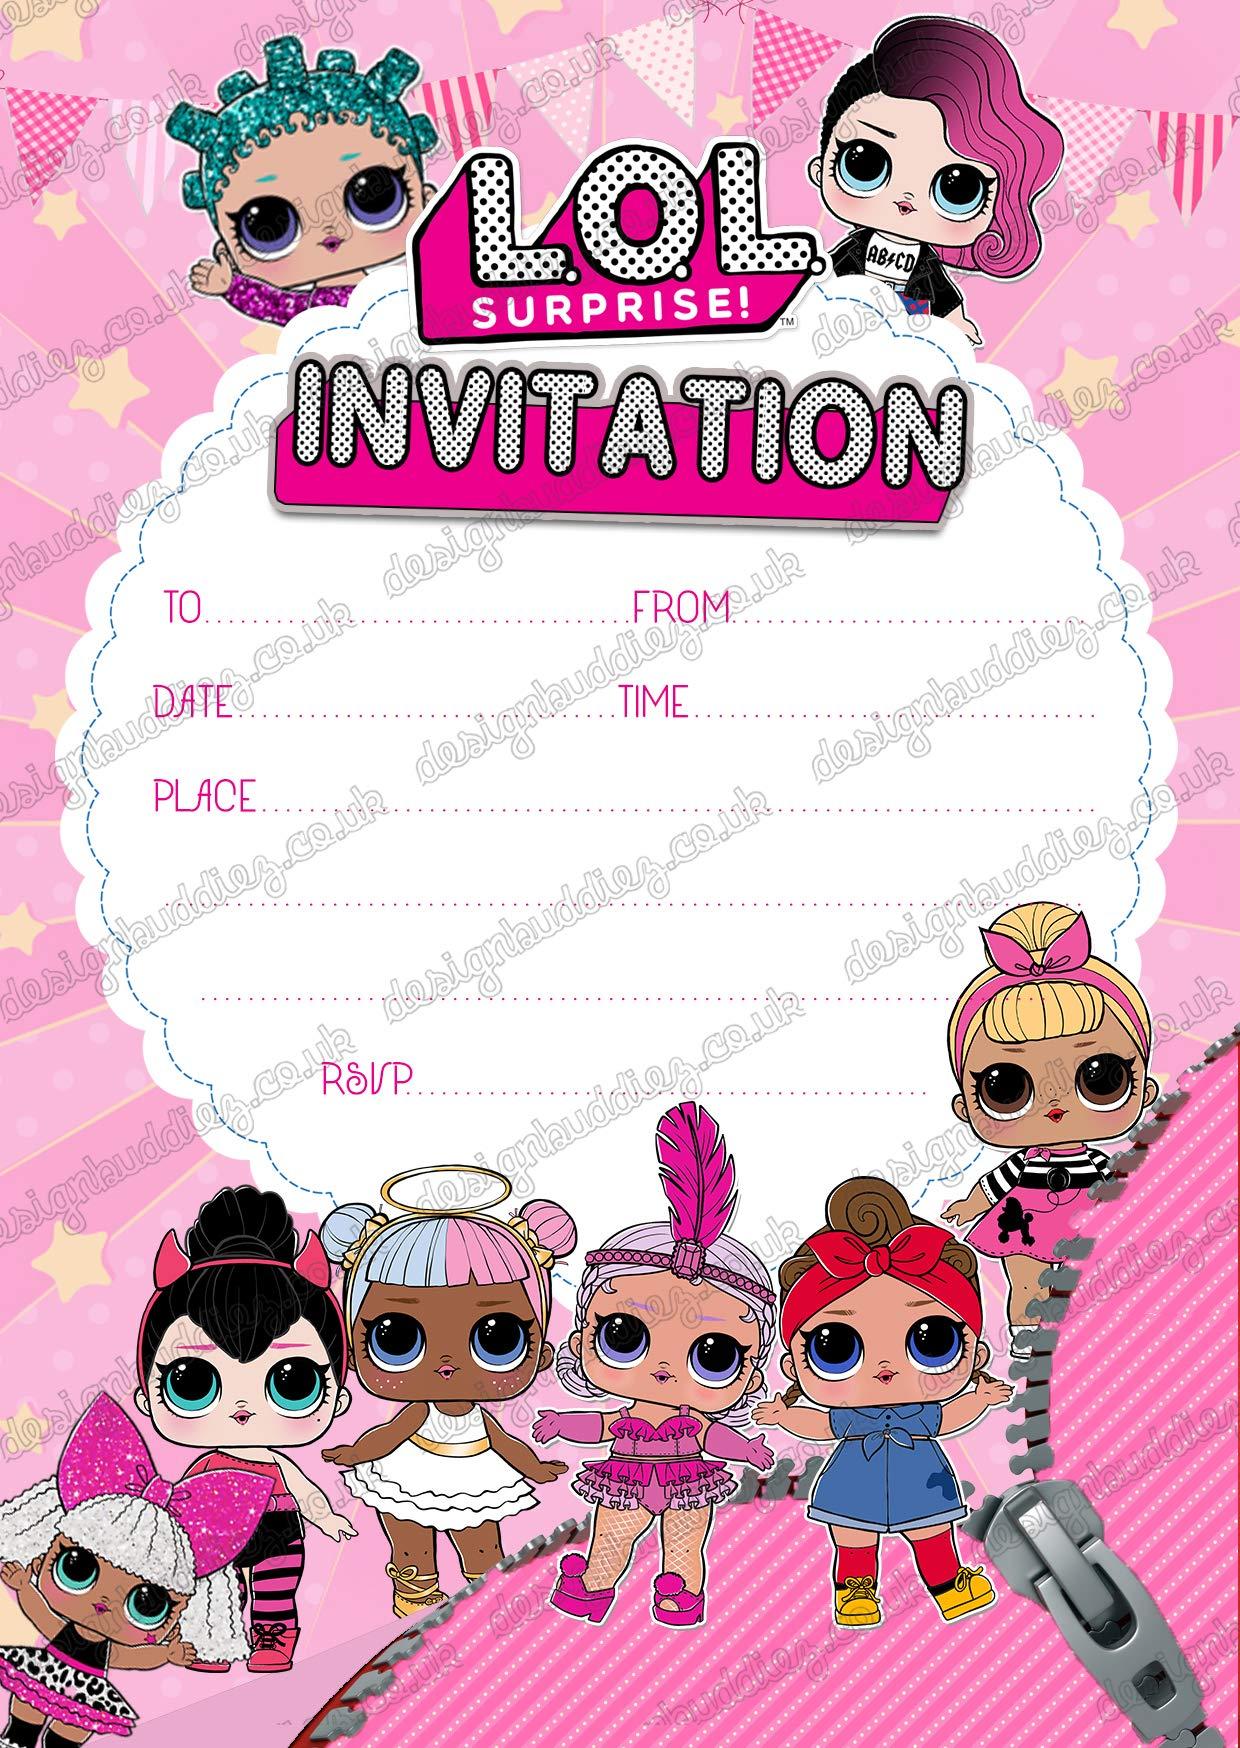 Design Buddies LOL Surprise! - Paquete de 20 invitaciones para fiestas de niños con un diseño de muñecas, de 250 g/m², sin sobres: Amazon.es: Hogar